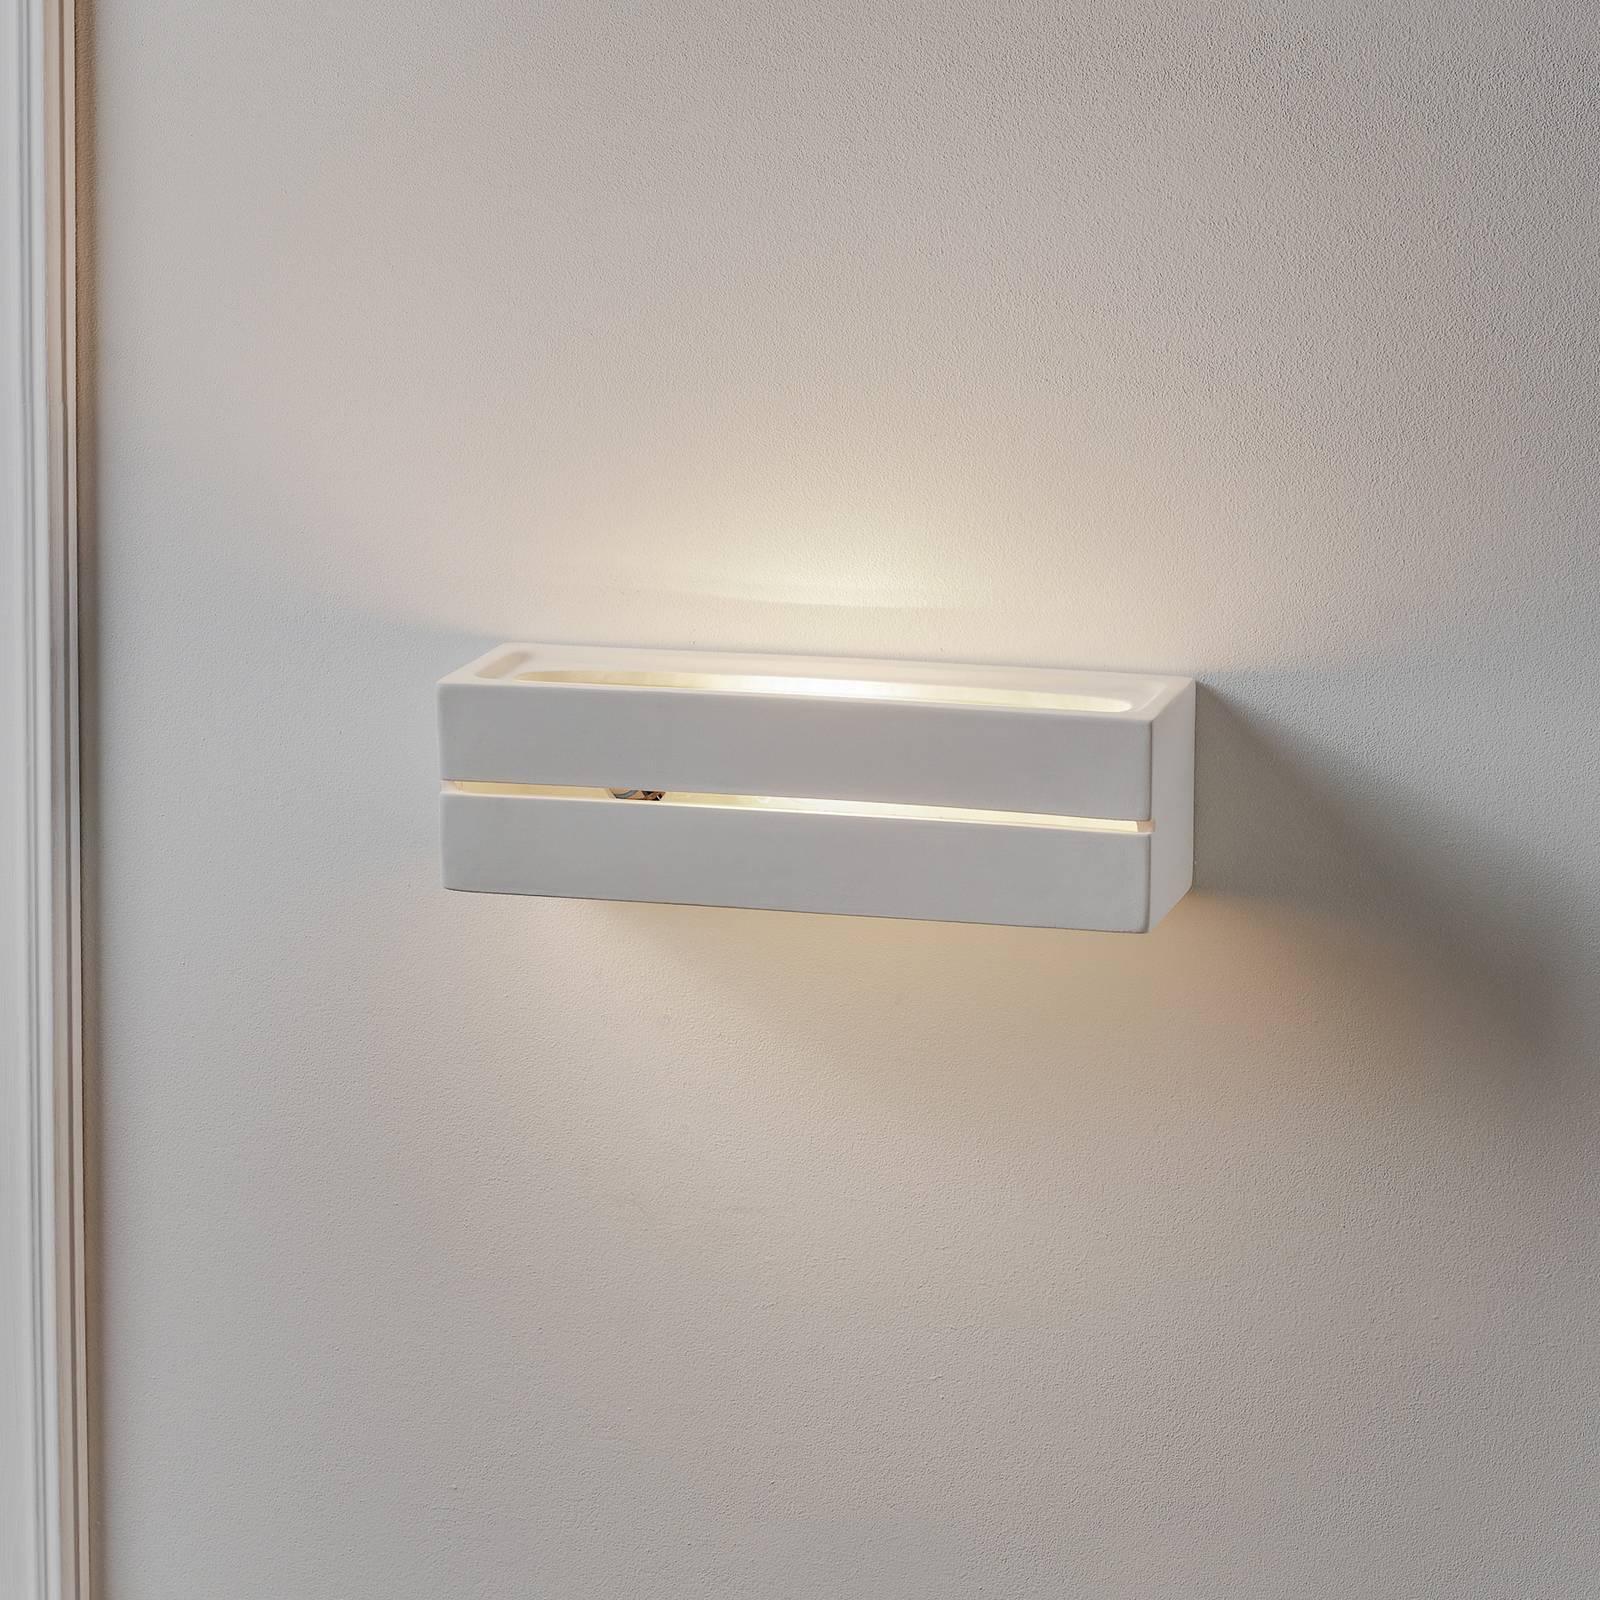 Seinälamppu Top, keraaminen, valkoinen, 32 x 9 cm